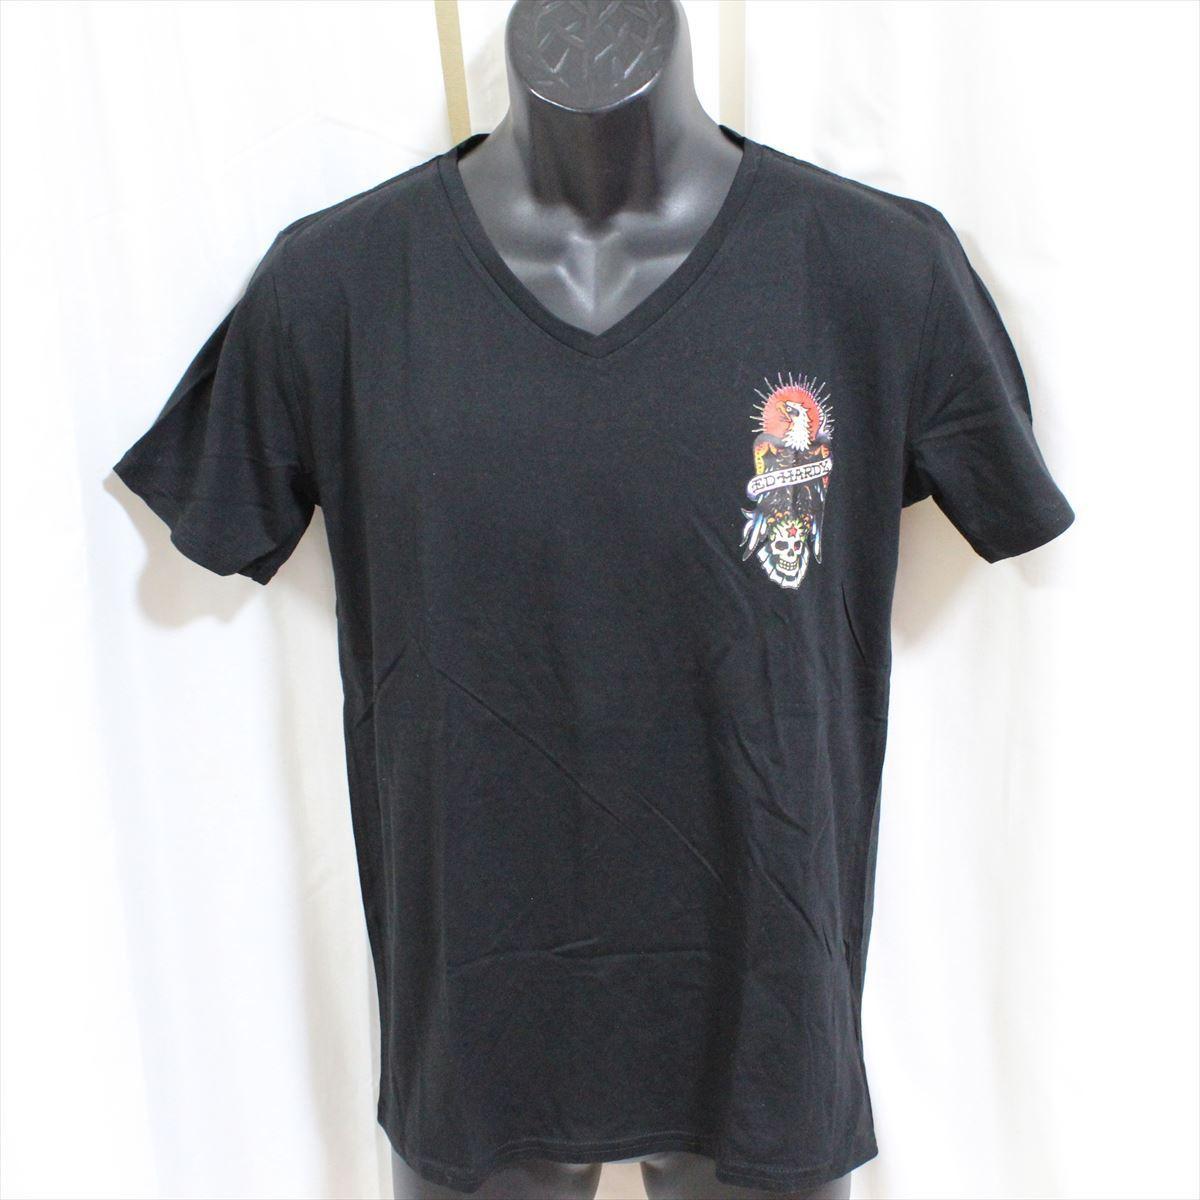 エドハーディー ED HARDY メンズ半袖Tシャツ M02CMV028 ブラック Lサイズ 新品 ドン・エド・ハーディー_画像1